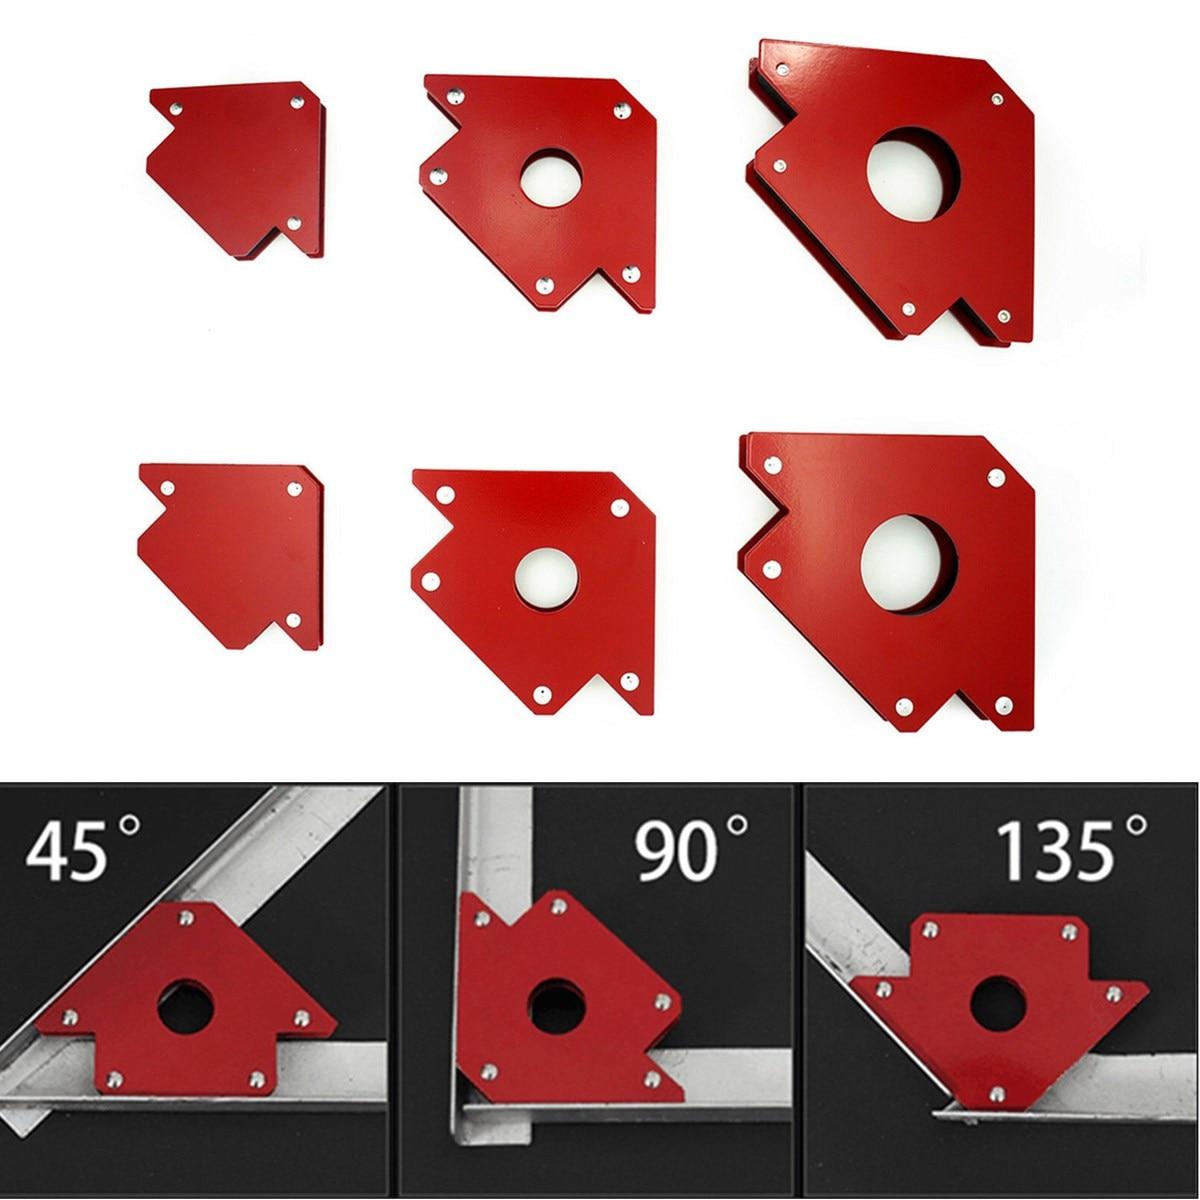 6 pièces multi-angle aimant support de soudage flèche magnétique pince pour soudage aimant 2x 50lbs 2x 25lbs 2x 75lbs Mig outils